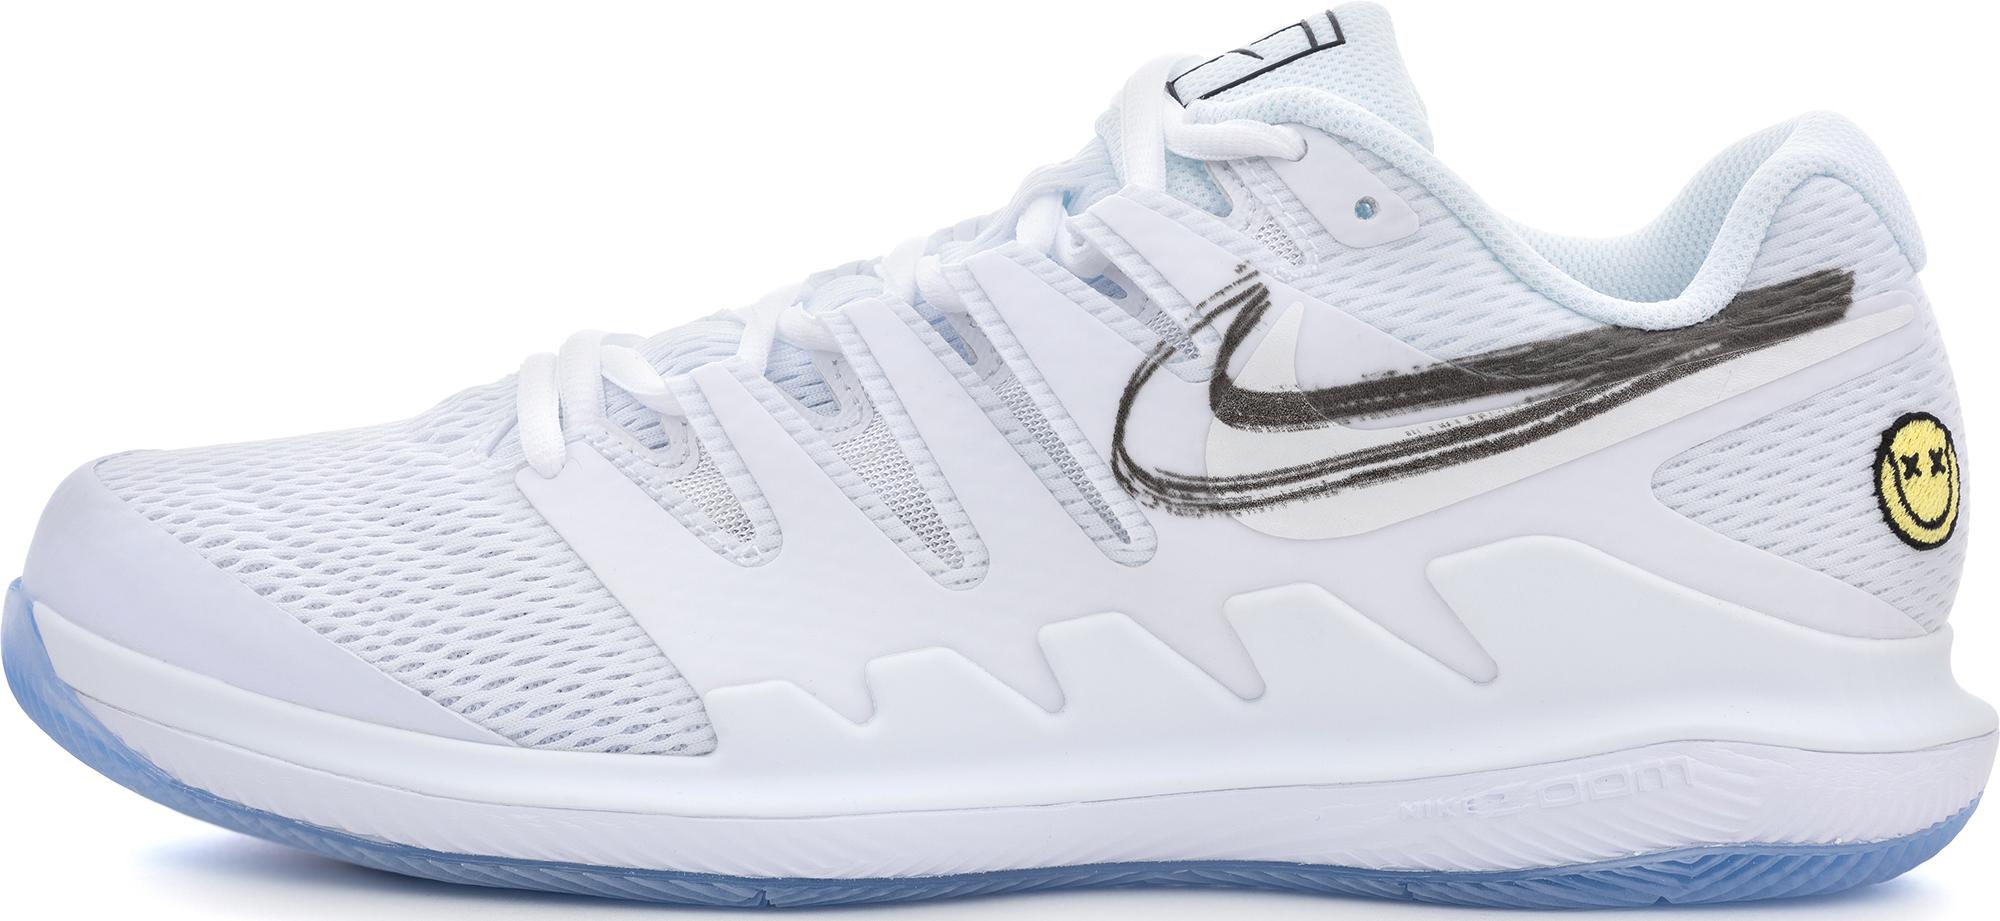 купить Nike Кроссовки мужские Nike Air Zoom Vapor X, размер 44 дешево